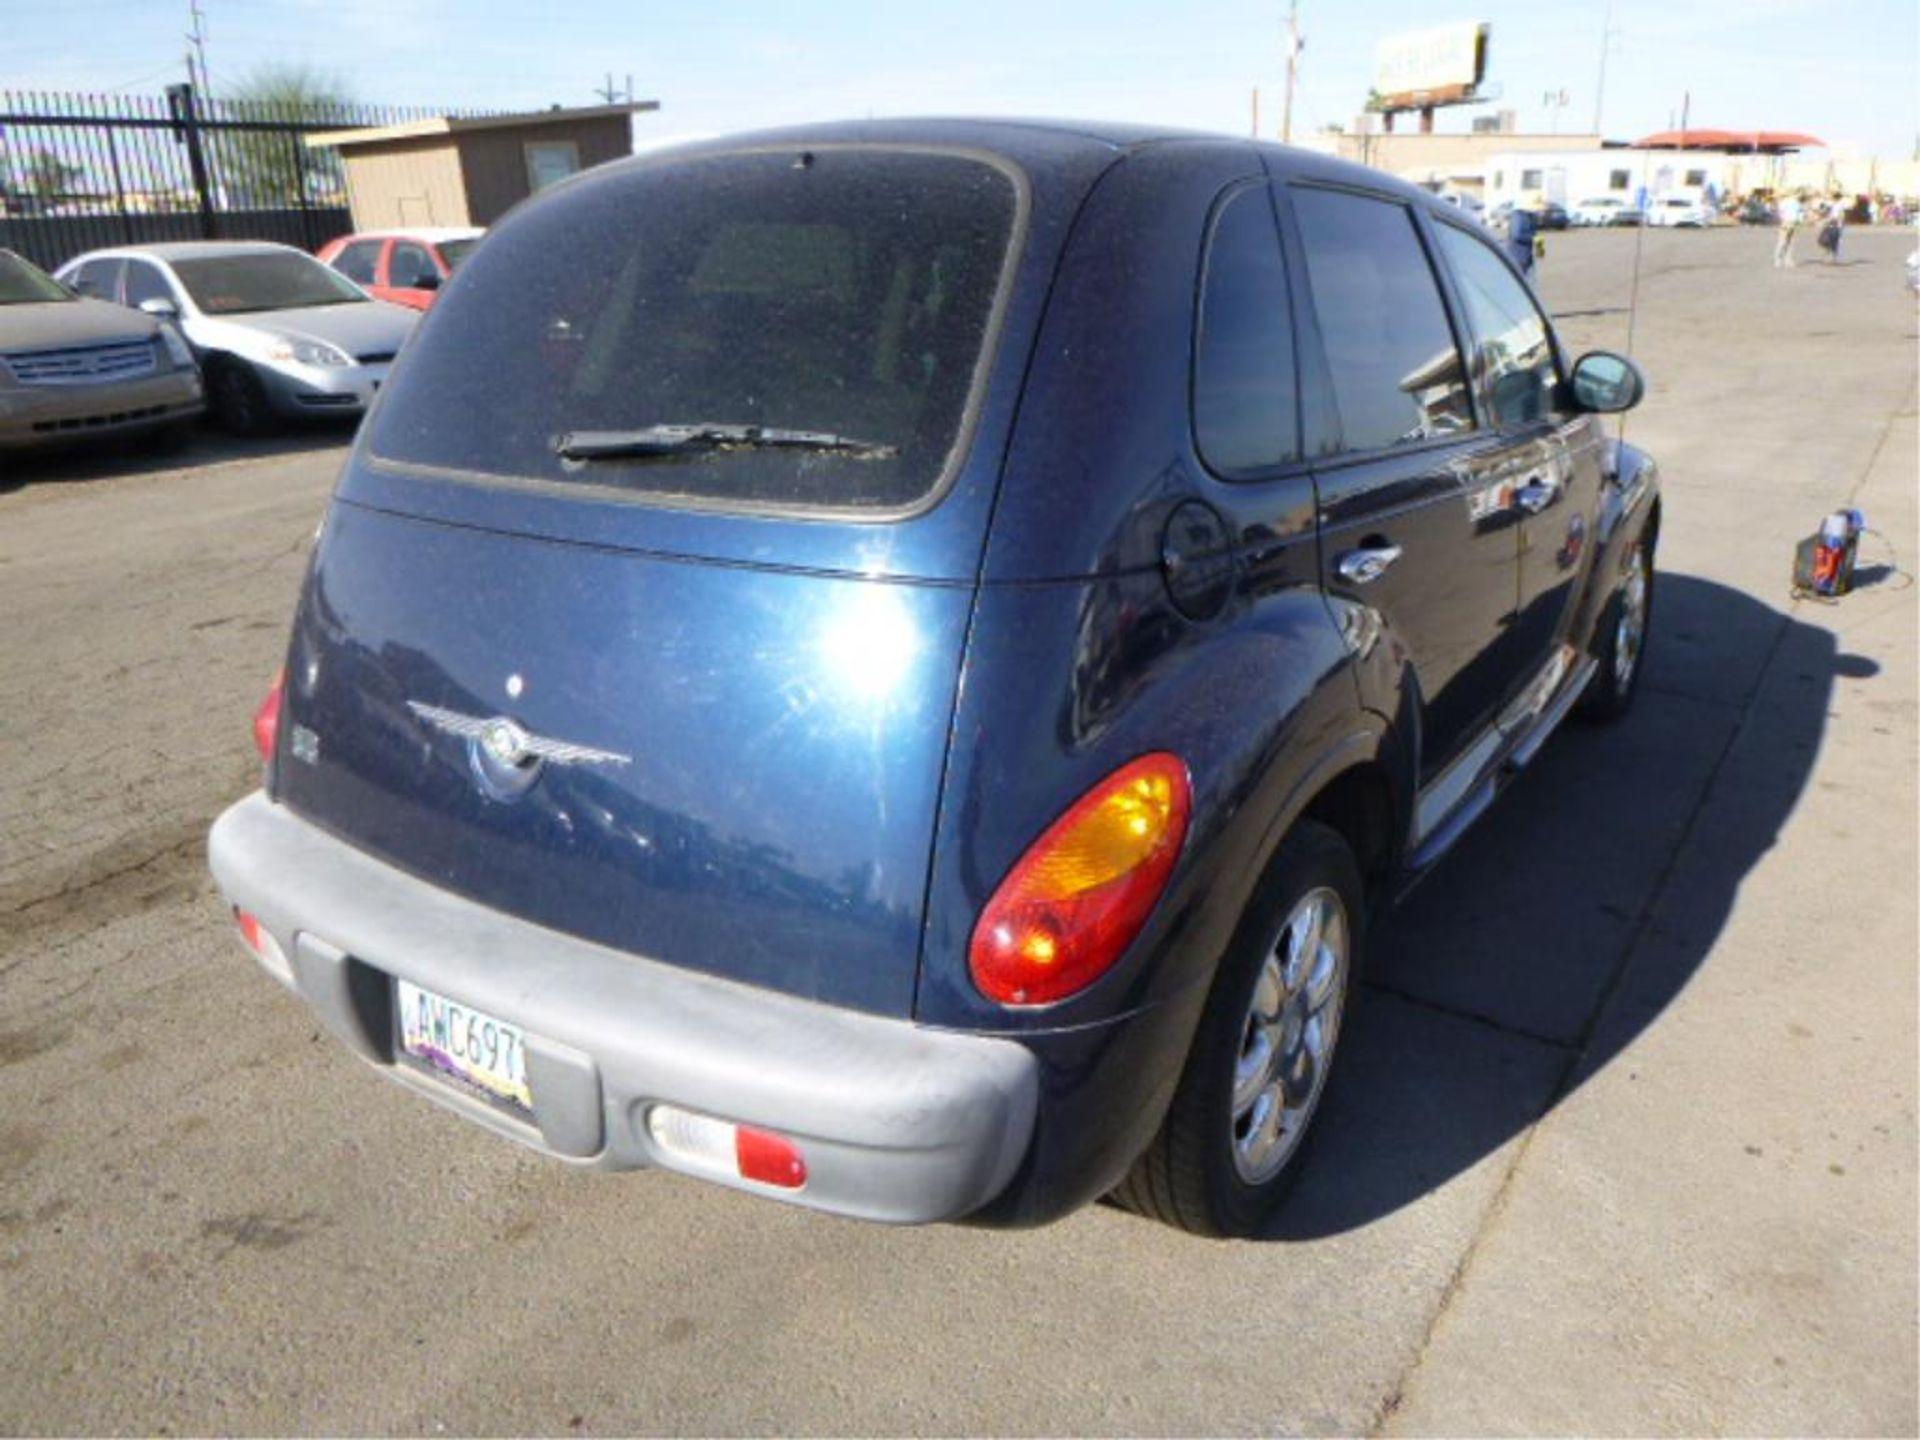 2002 Chrysler PT Cruiser - Image 4 of 14